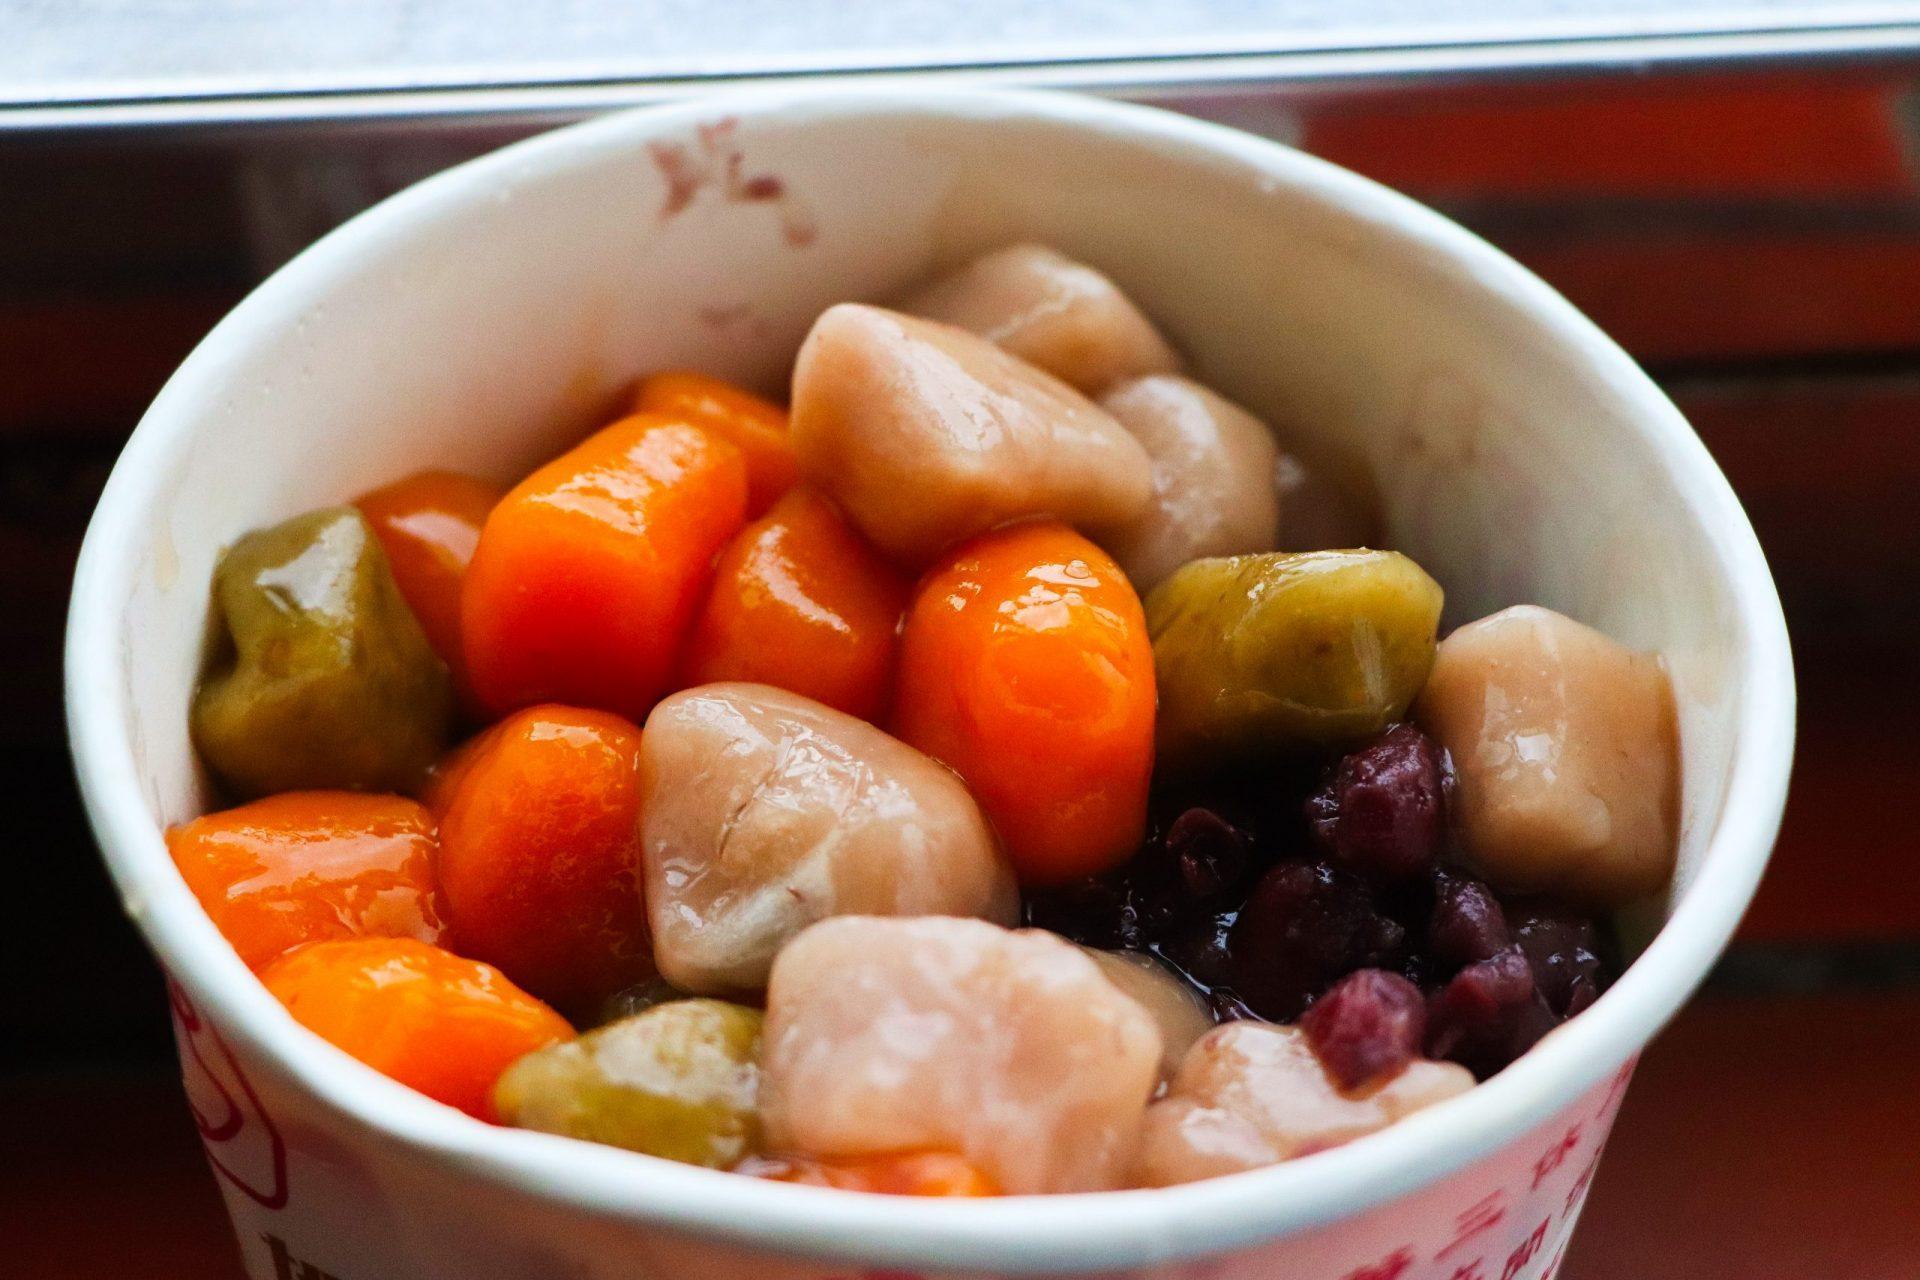 阿柑姨芋圓-配料有紅豆、大紅豆、綠豆